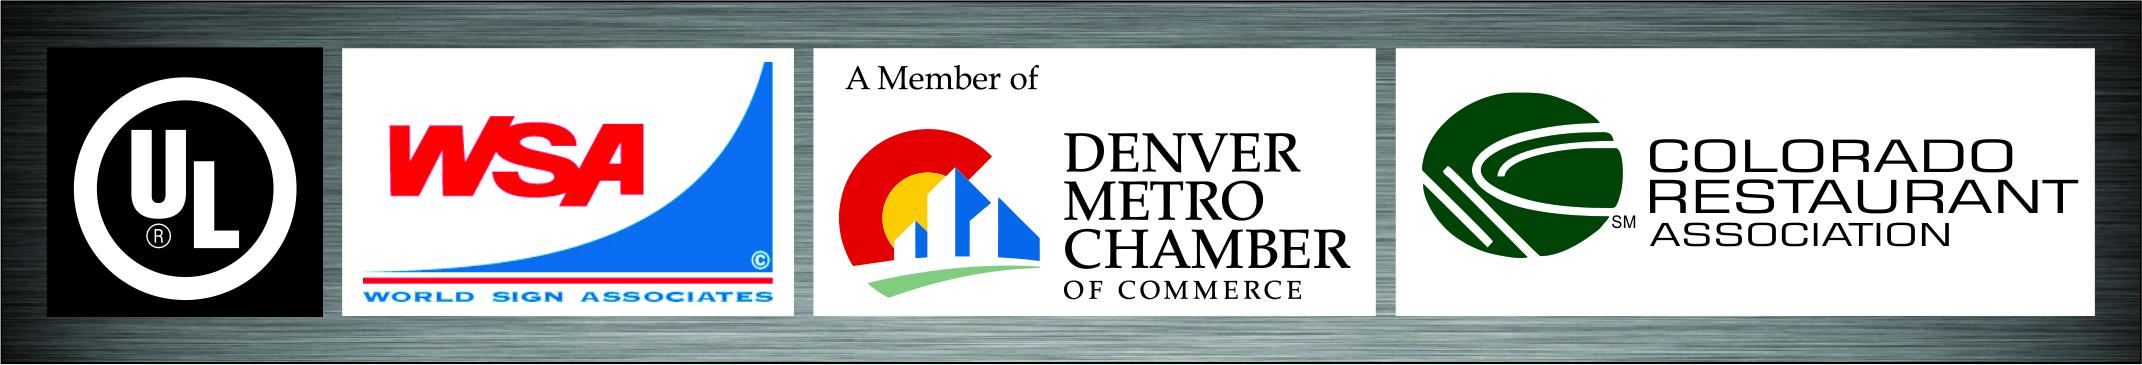 Custom Banners Denver Colorado